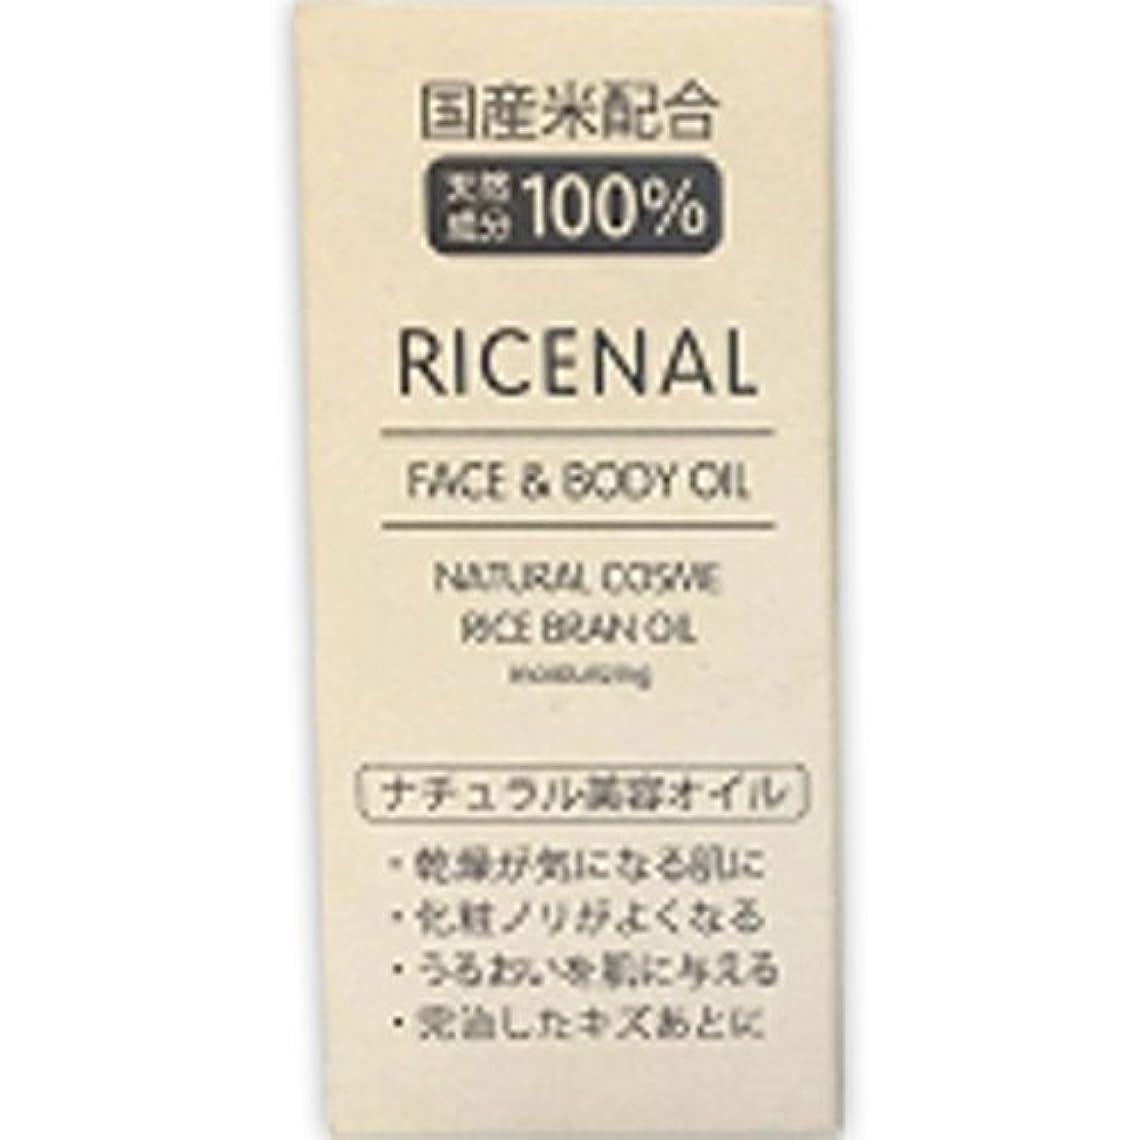 カーフ不測の事態振るうリセナル 美容オイル ミニサイズ (無香料) 20mL